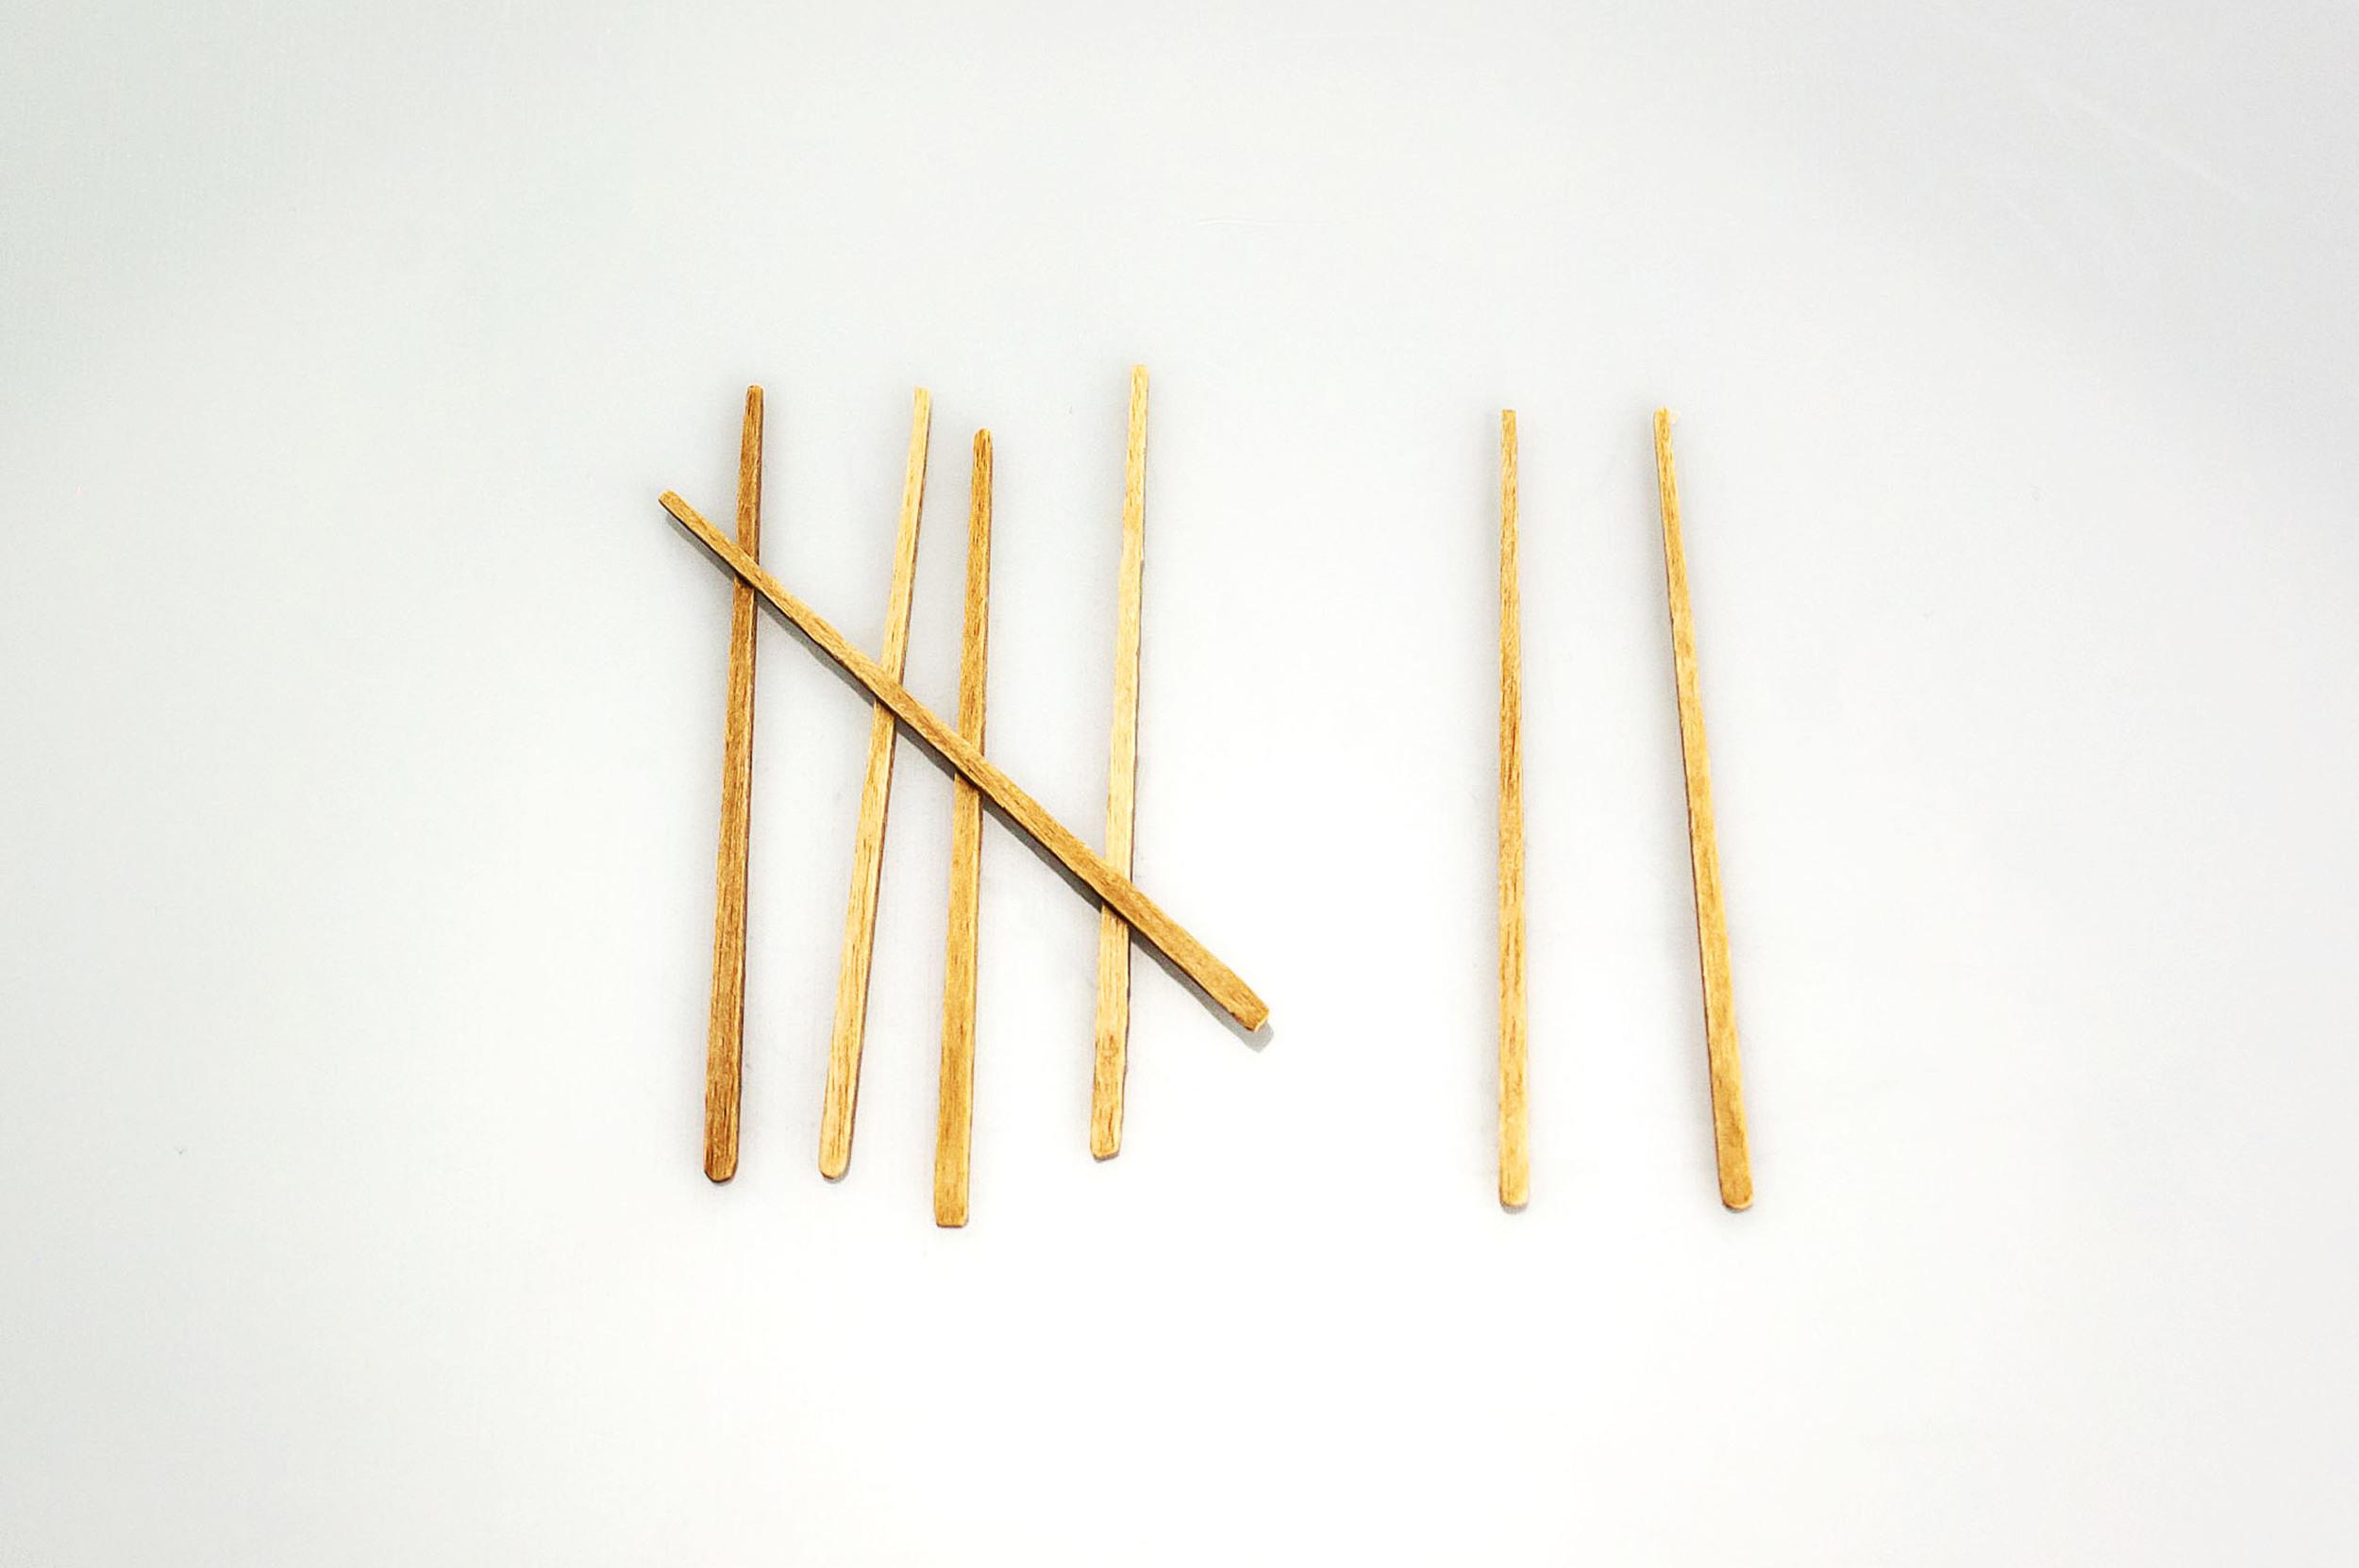 Toothpicks_12.jpg